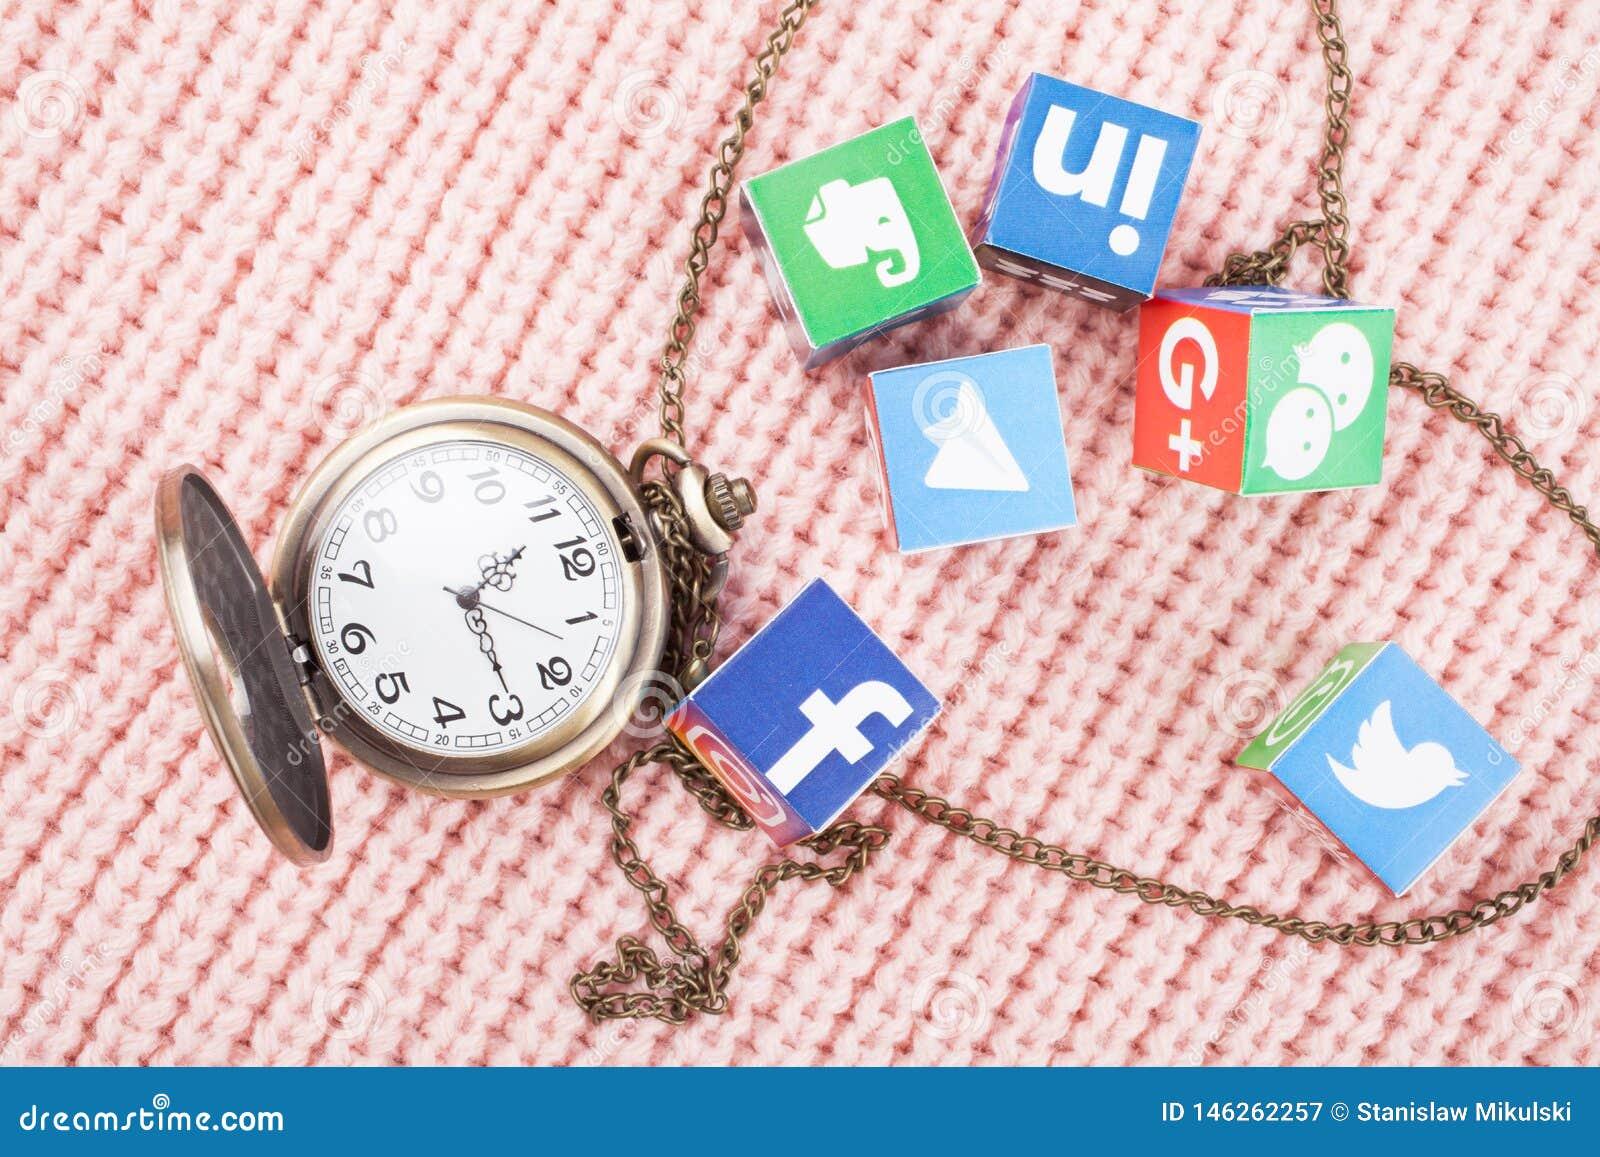 KAZ?N, RUSIA - 6 de marzo de 2018: cubos de papel con los logotipos y los relojes sociales populares de la red